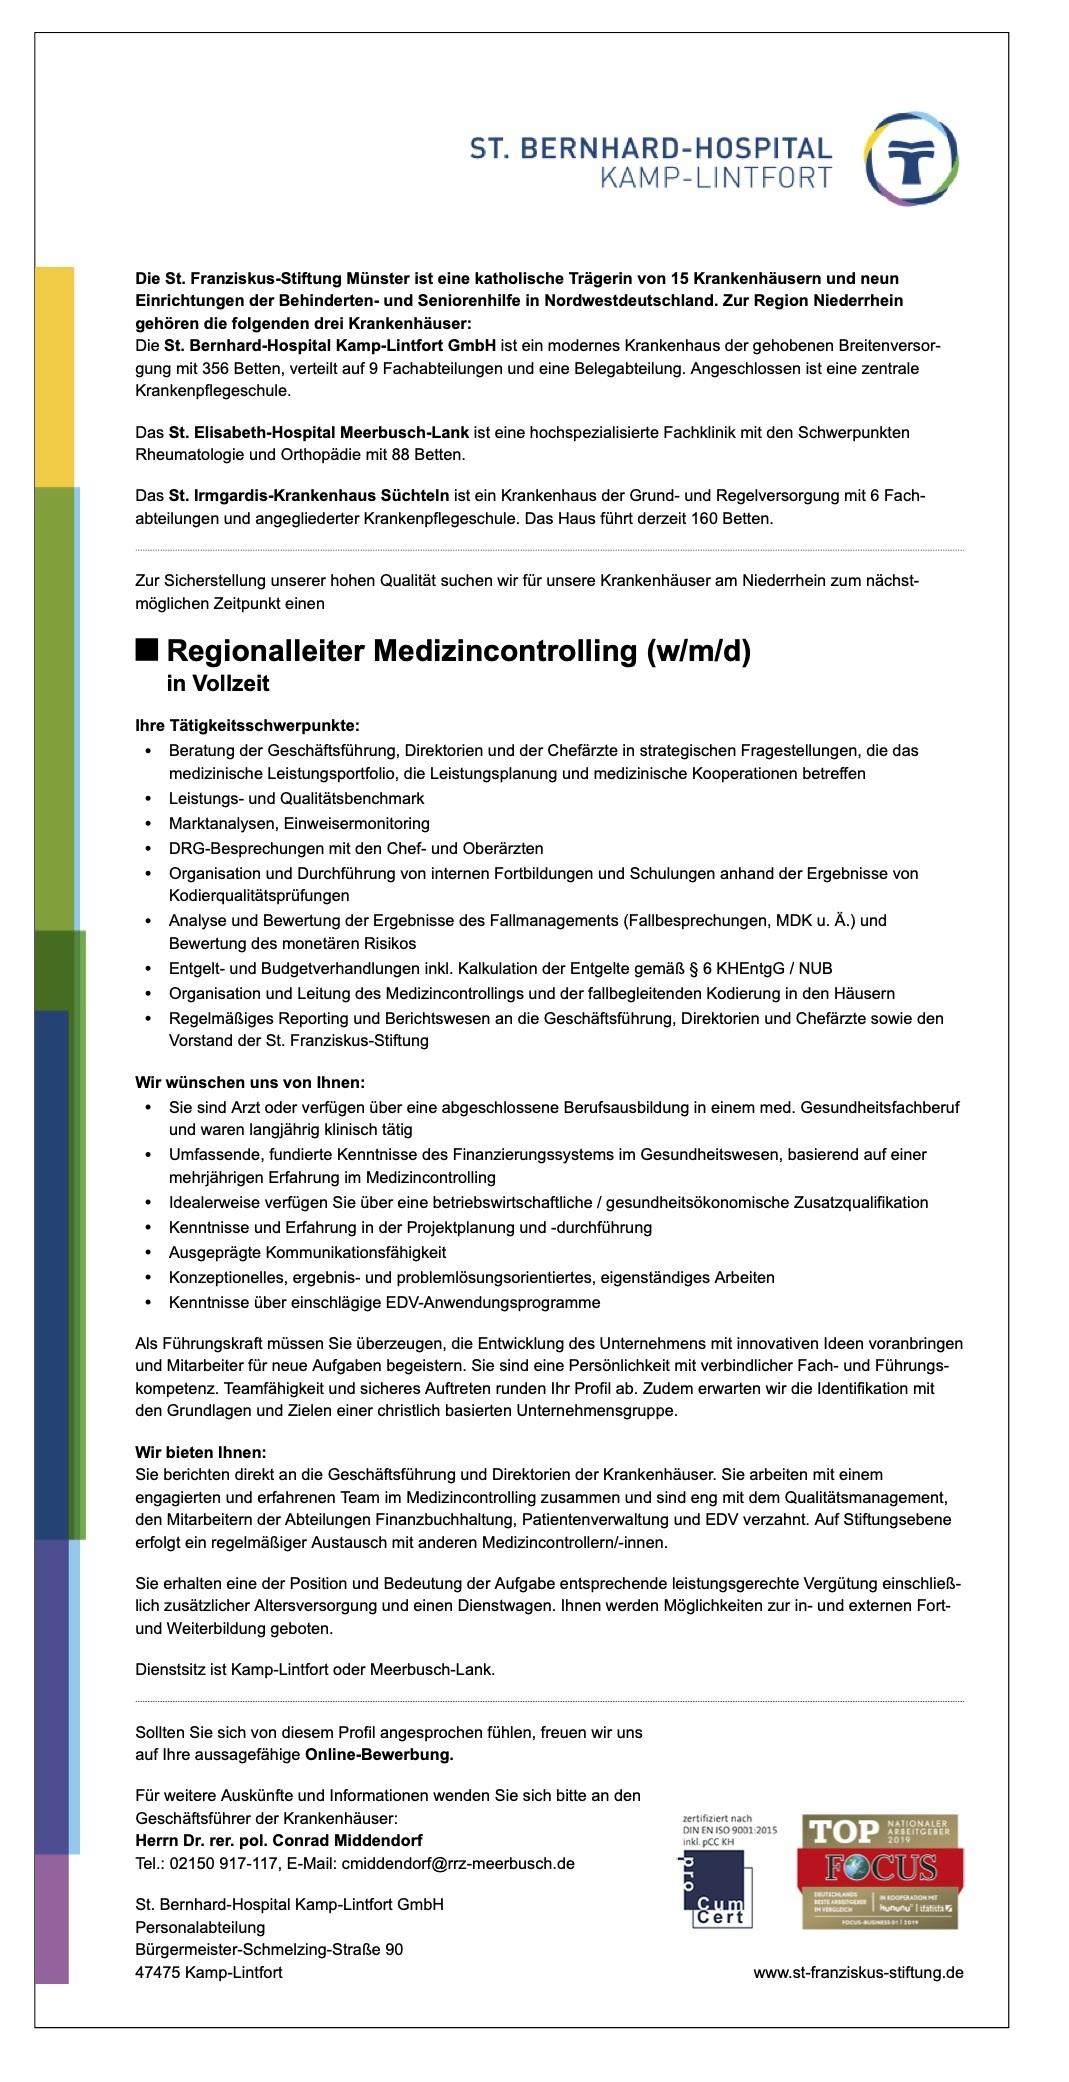 Regionalleiter Medizincontrolling (w/m/d)